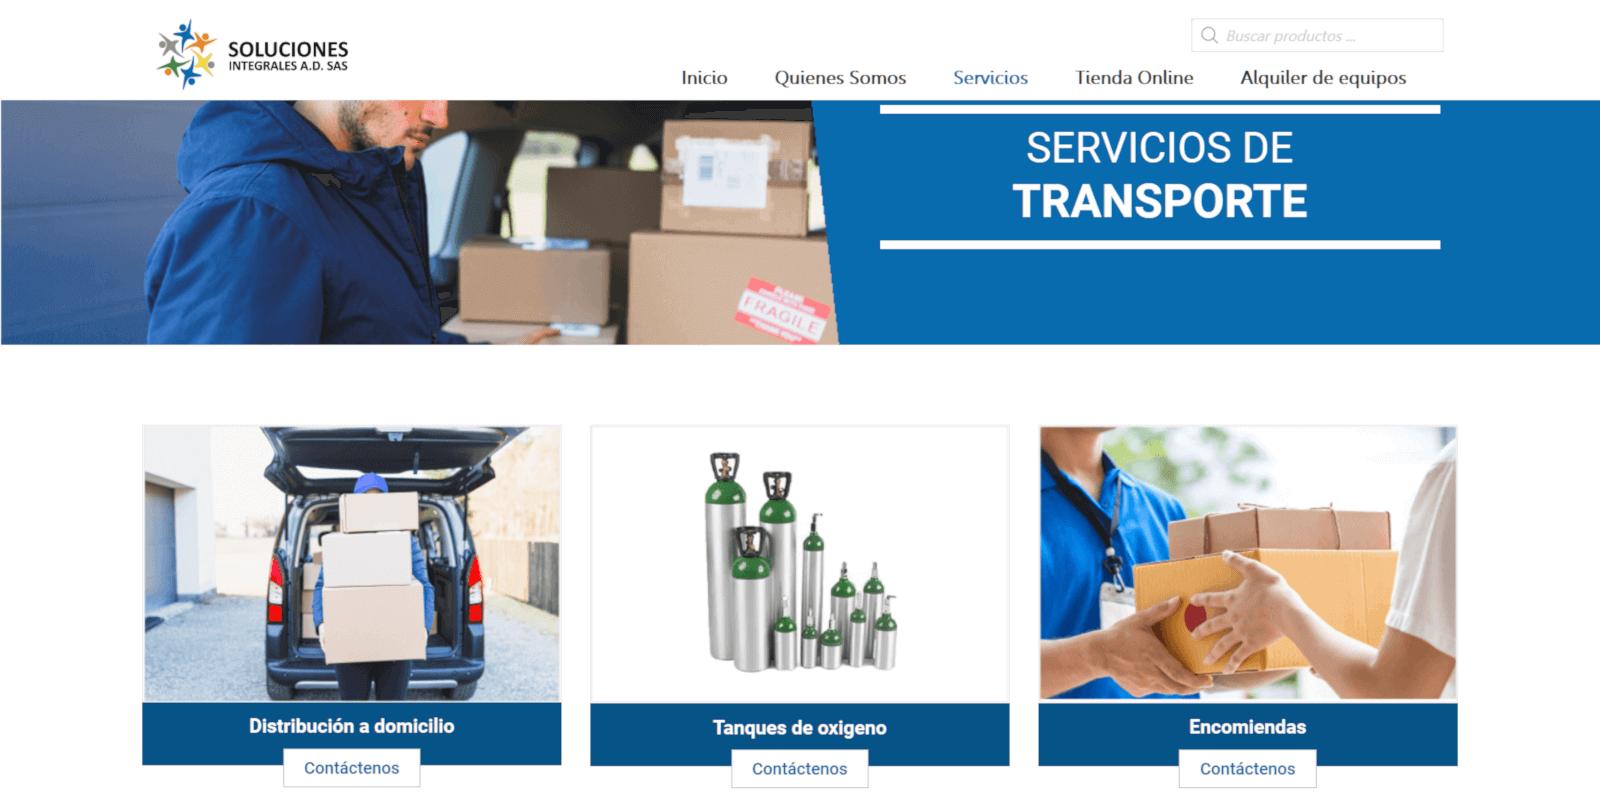 SERVICIOS SOLUCIONES INTEGRALES COLOMBIA CREAR PAGINA WEB JAGONZALEZ